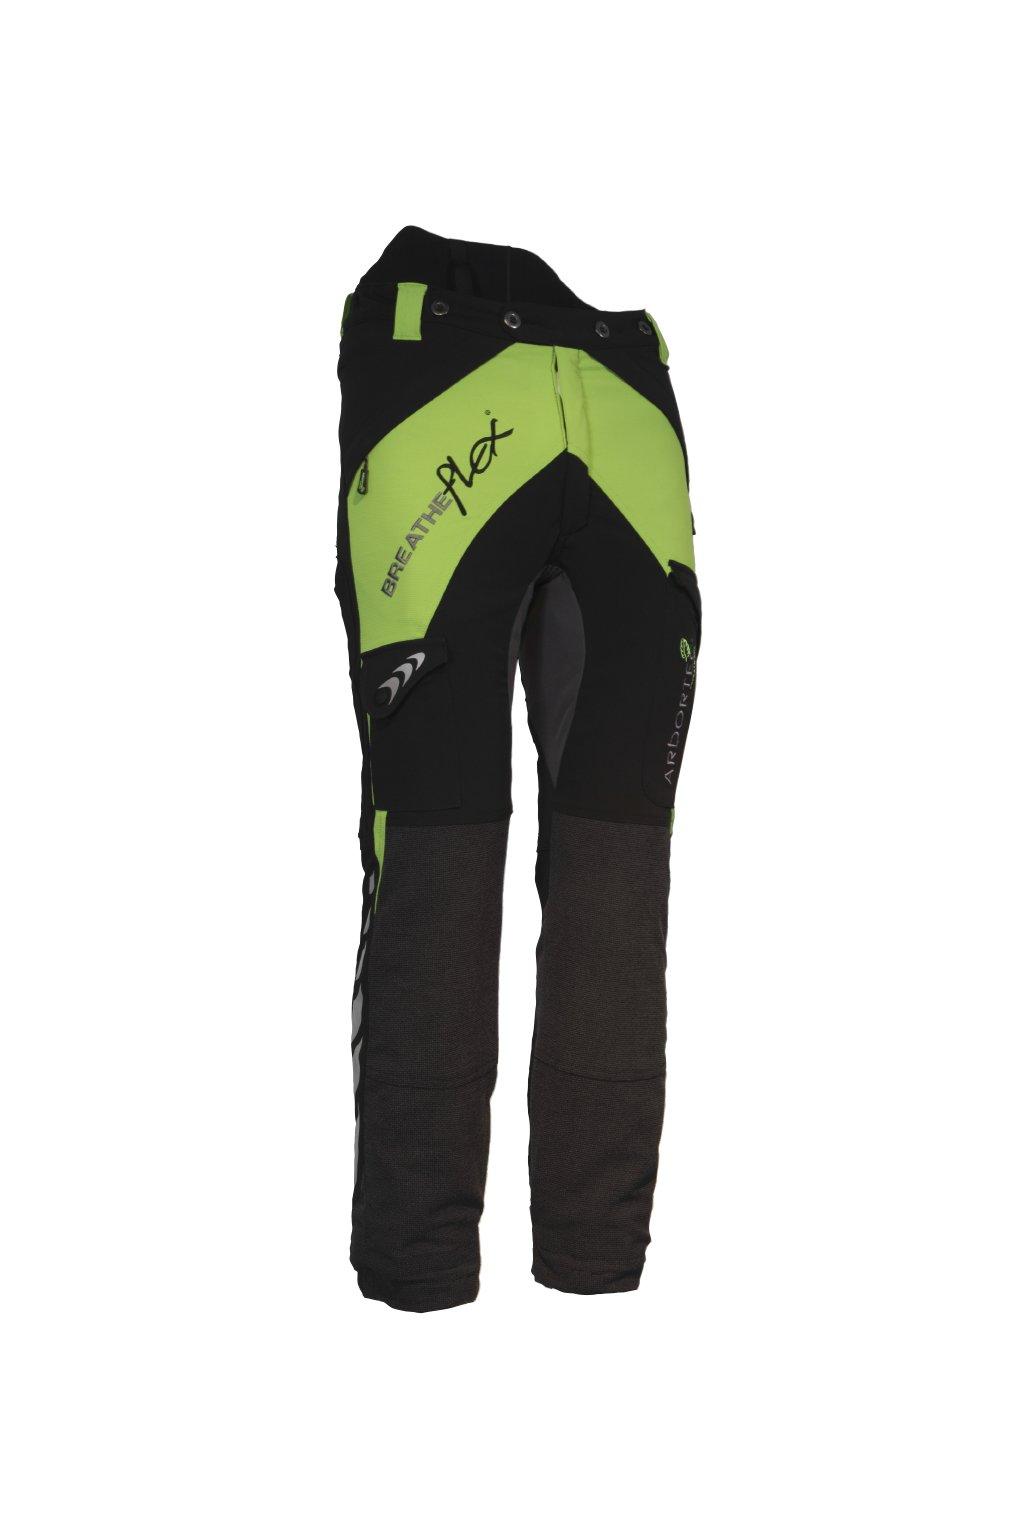 Protipořezové dámské kalhoty Breatheflex zelené Class1/TypeC Reg